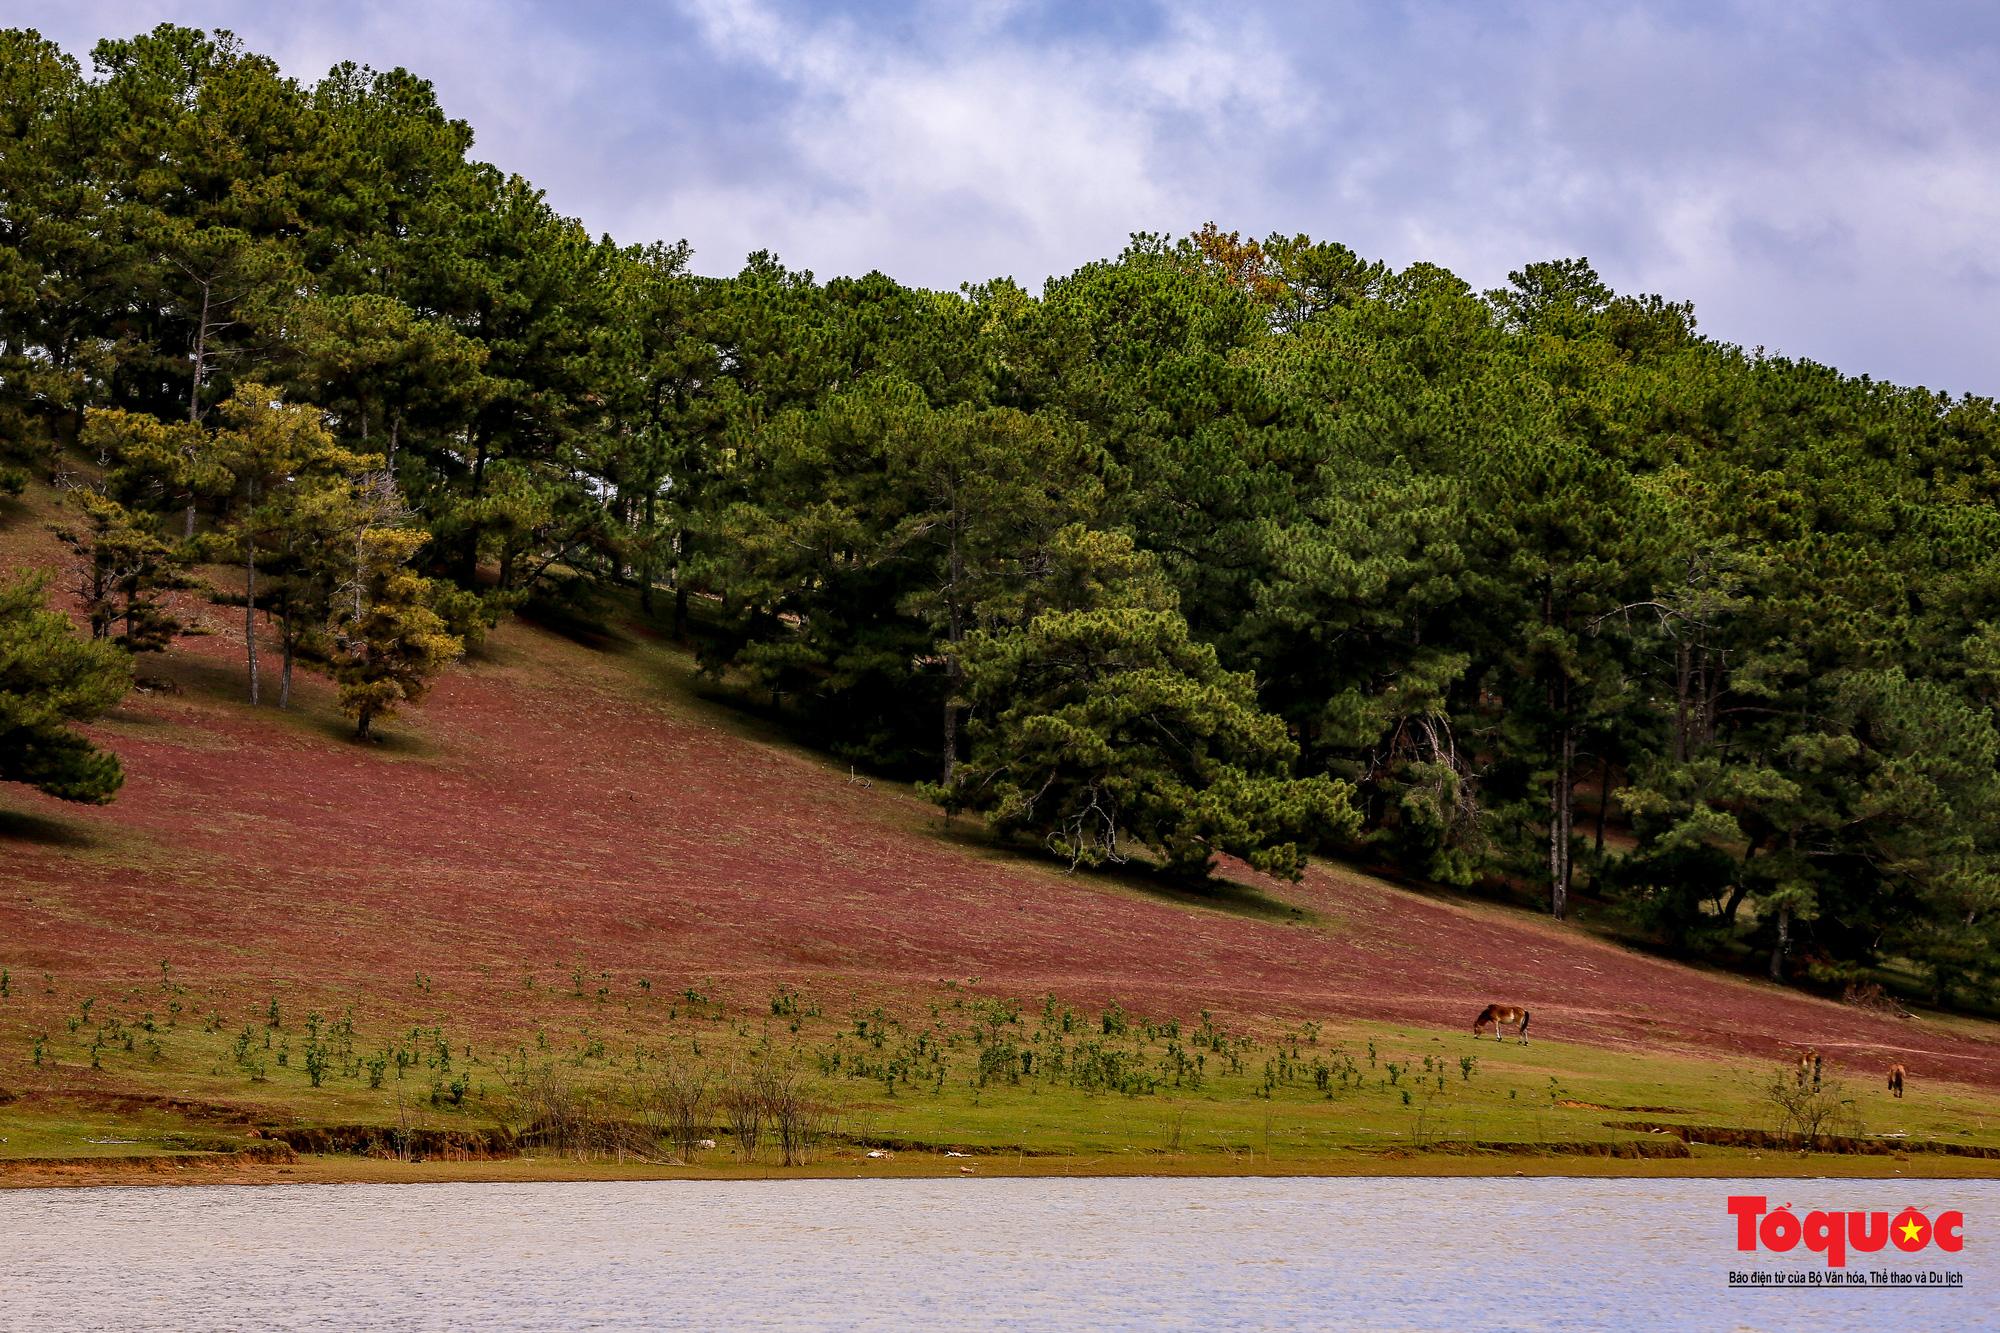 """Đồi cỏ hồng ở Đà Lạt đẹp như tranh sẽ khiến khách du lịch """"mê mẩn"""" - Ảnh 2."""